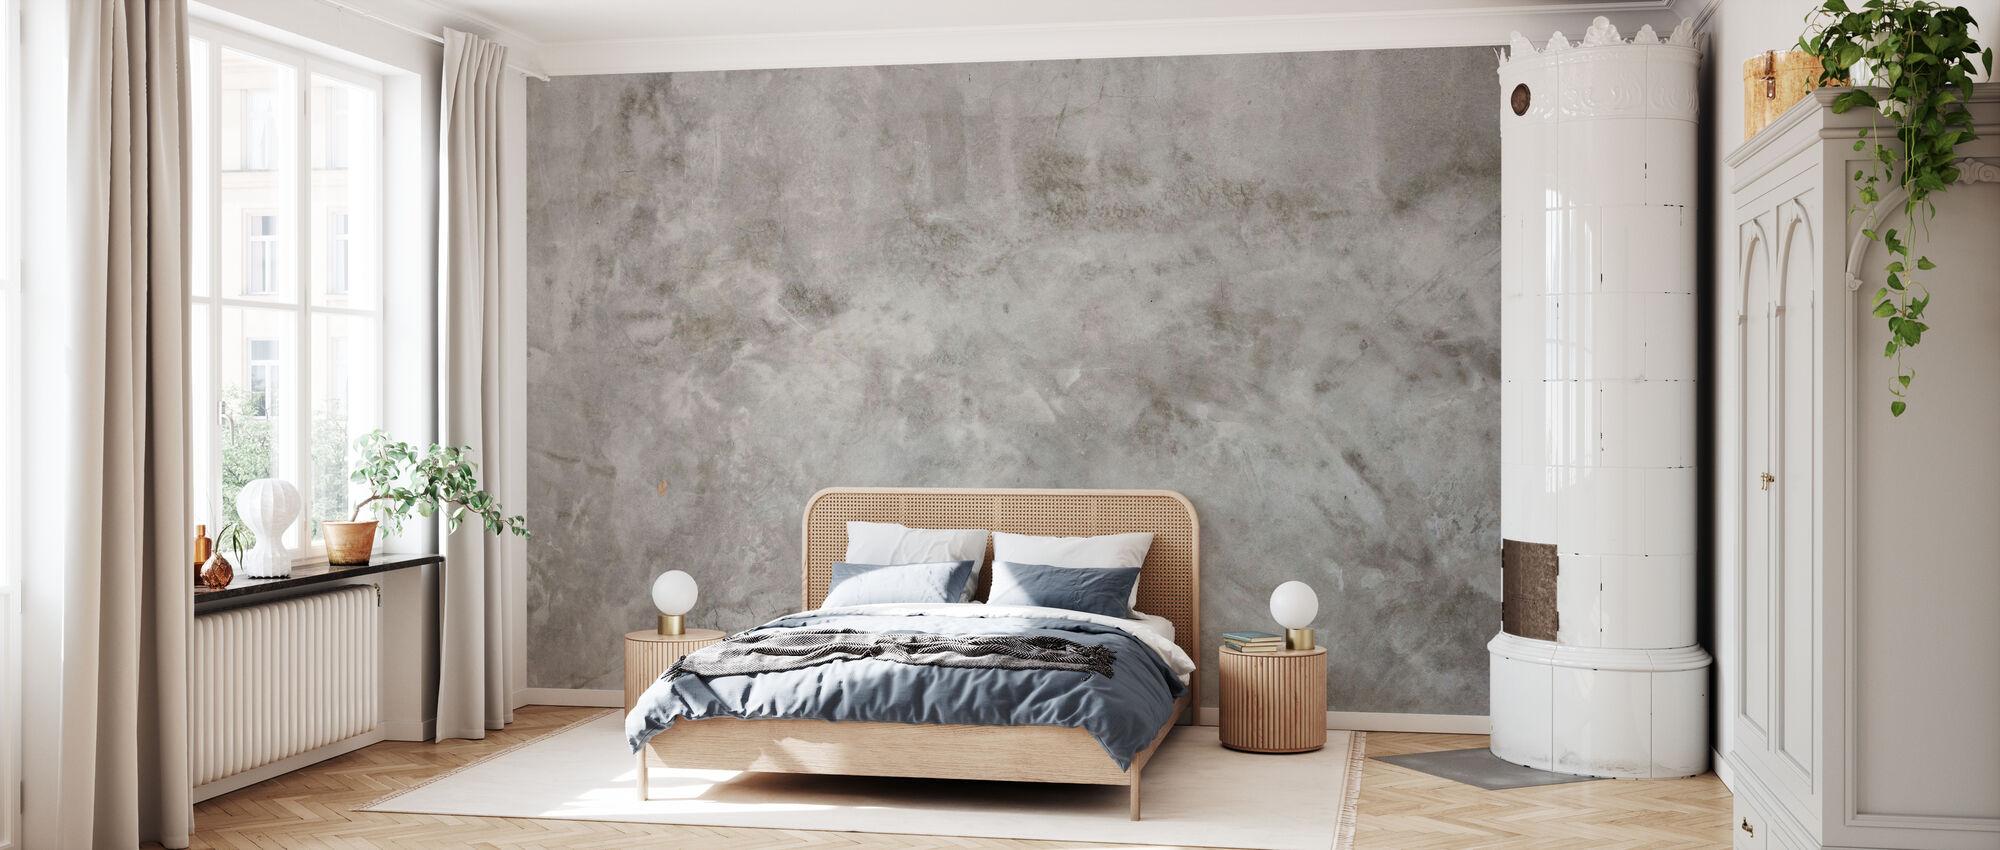 Betonwand Textur - Tapete - Schlafzimmer